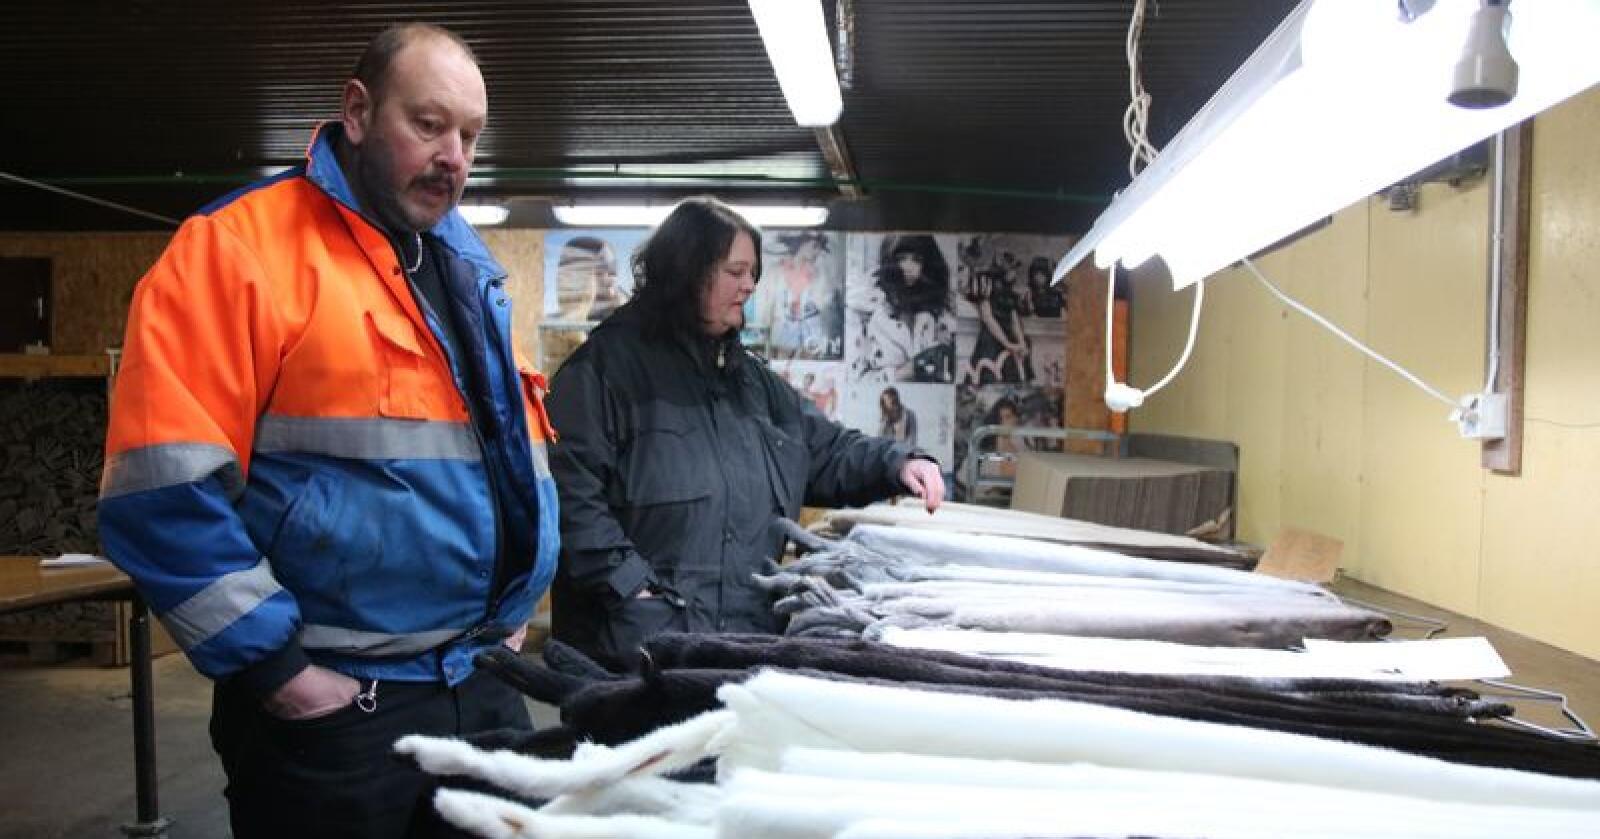 Mari og Ole Jonny Indergård på Gjøvik har vært minkoppdrettere siden 2007. Nå er de i ferd med å miste troen på at de vil ha en plass i norsk landbruk etter 2025. Foto: Camilla Mellemstrand